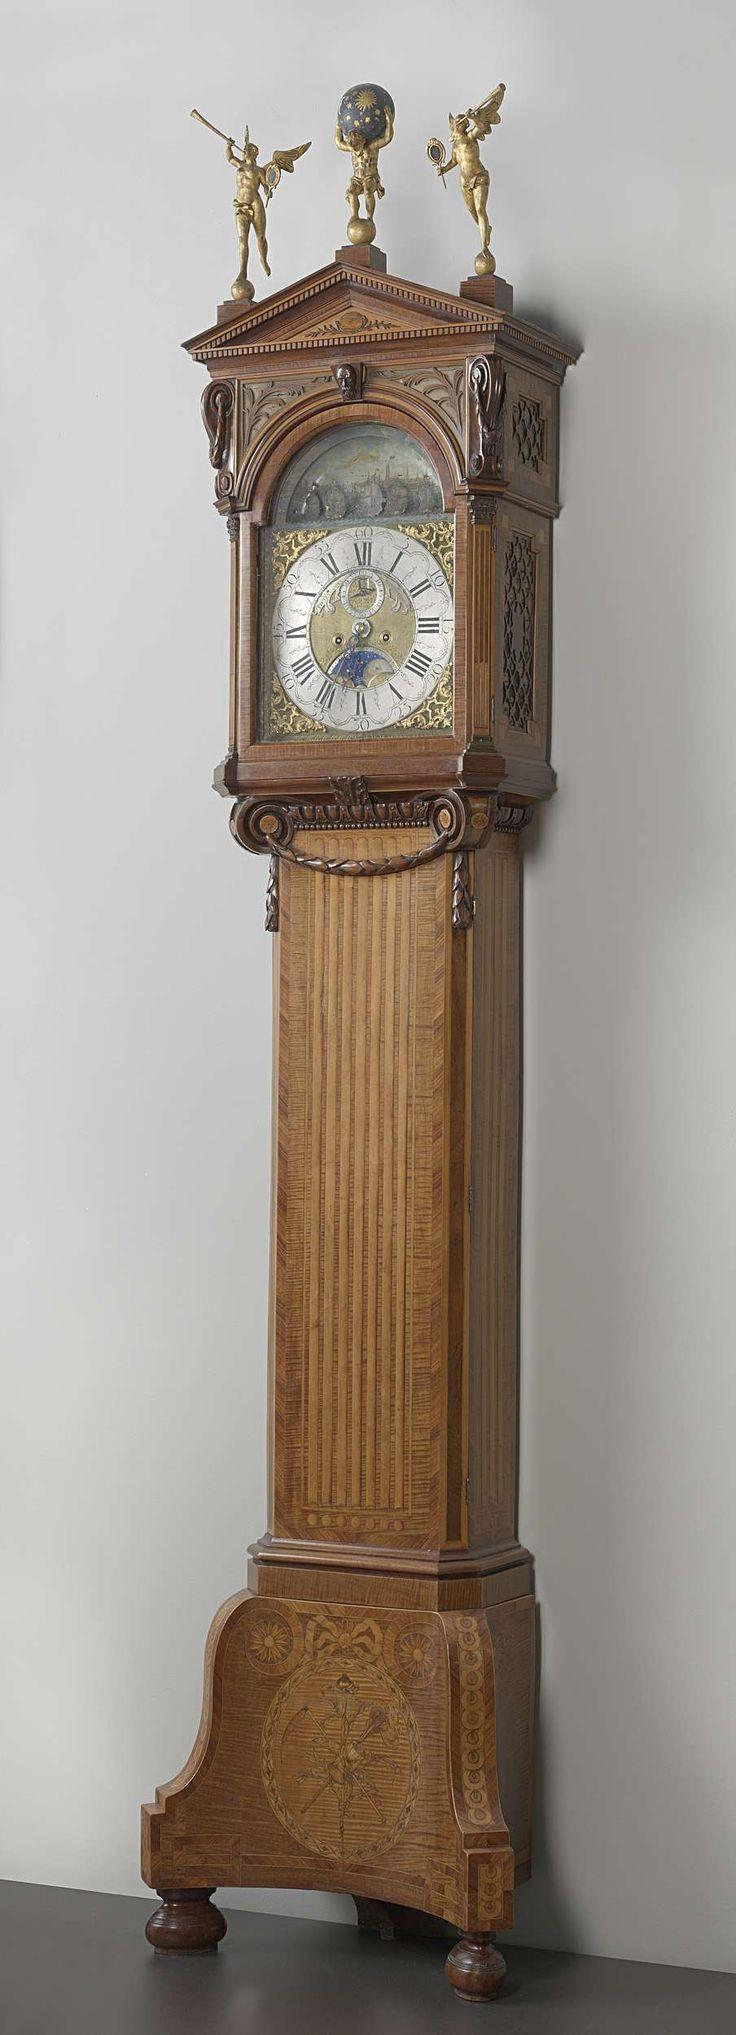 Staande klok, Pieter van den Bergh, ca. 1780